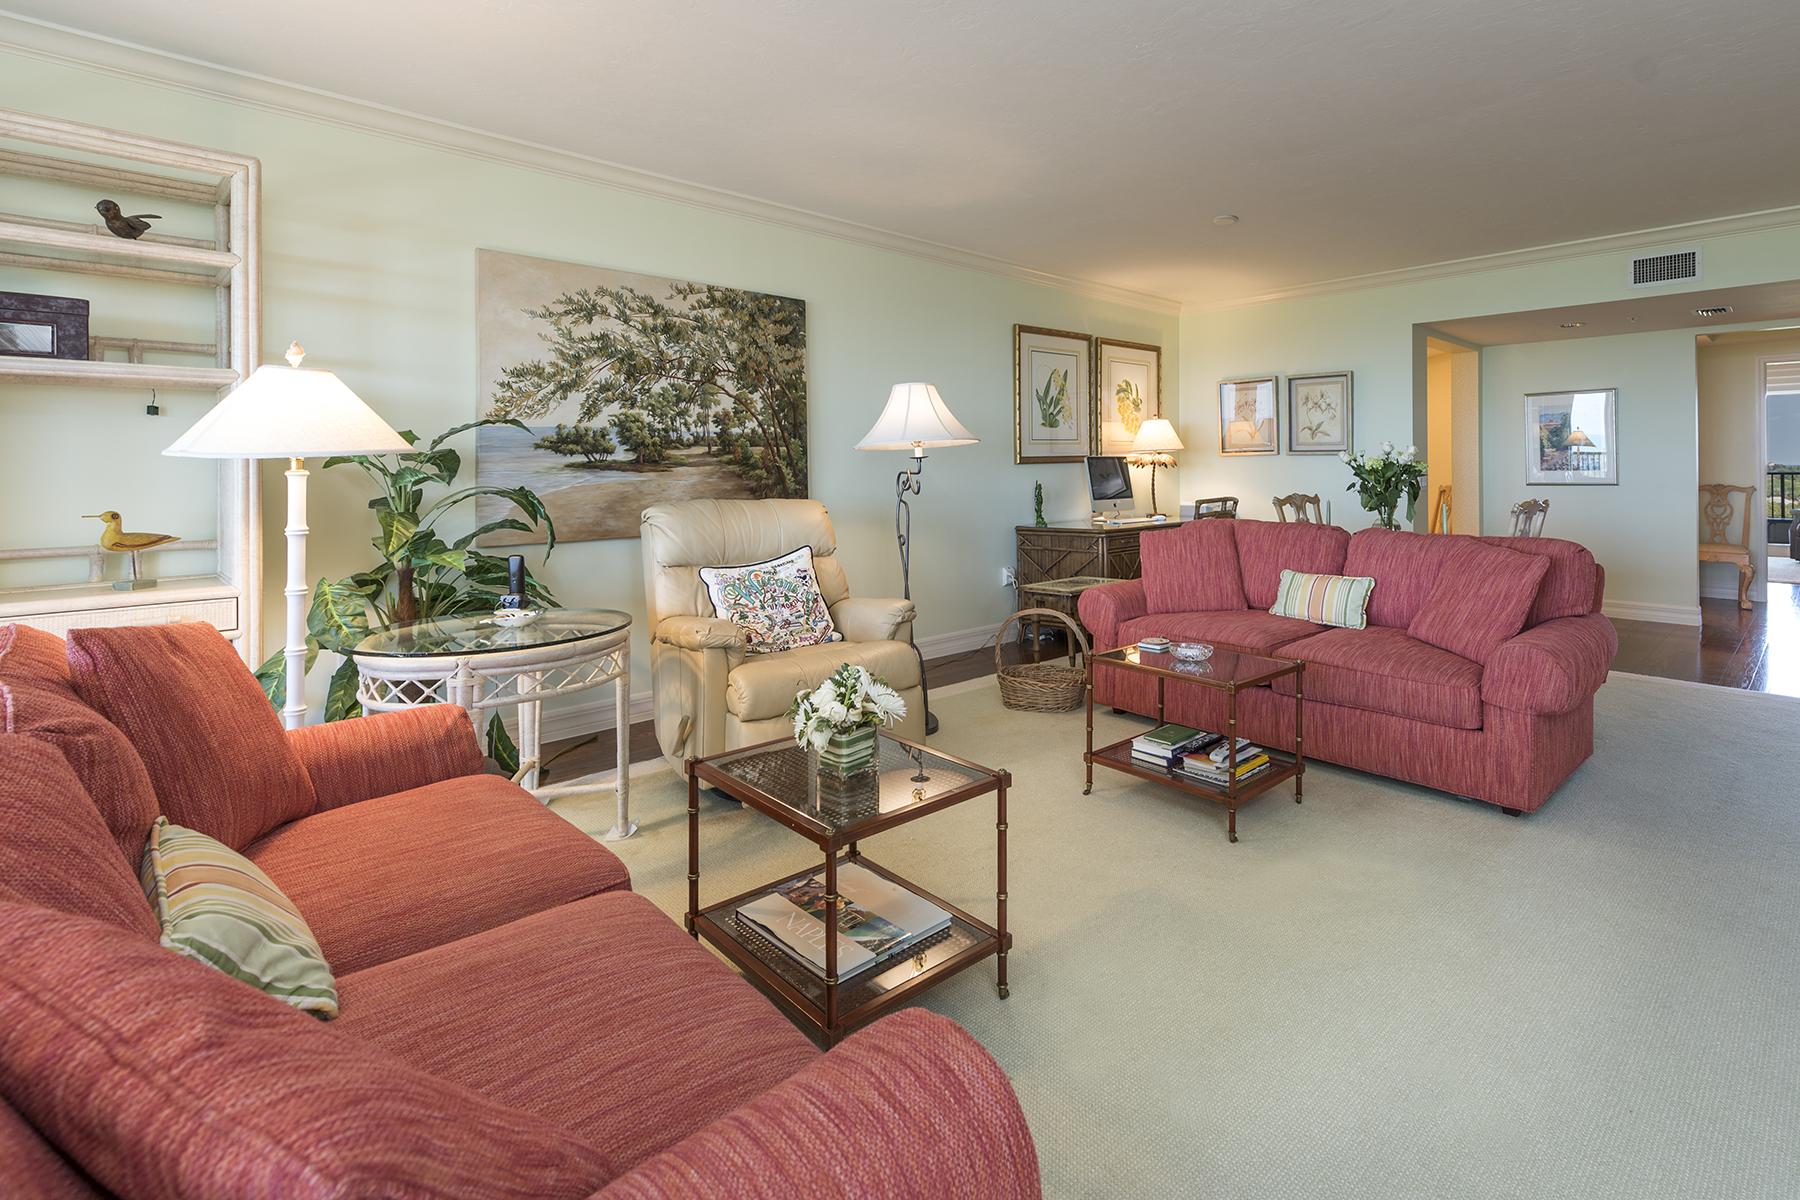 Condomínio para Venda às PELICAN BAY - MARBELLA 7425 Pelican Bay Blvd 1004 Naples, Florida, 34108 Estados Unidos